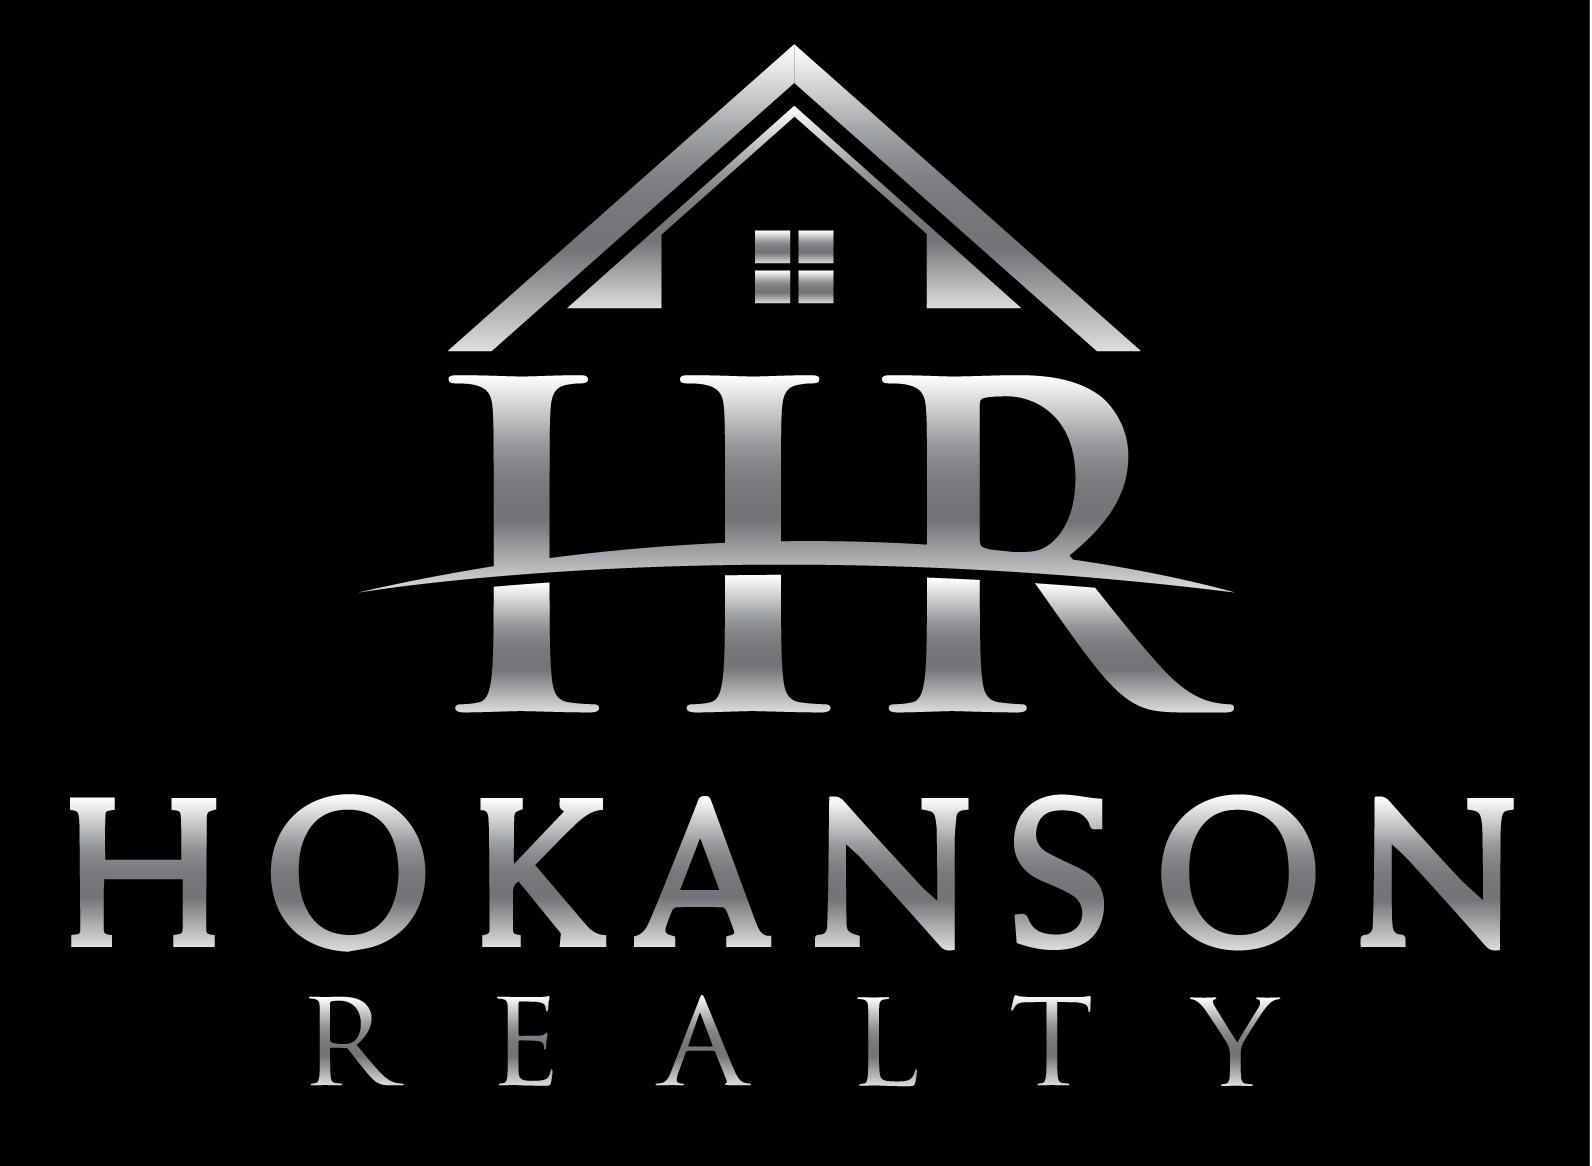 Hokanson Realty logo